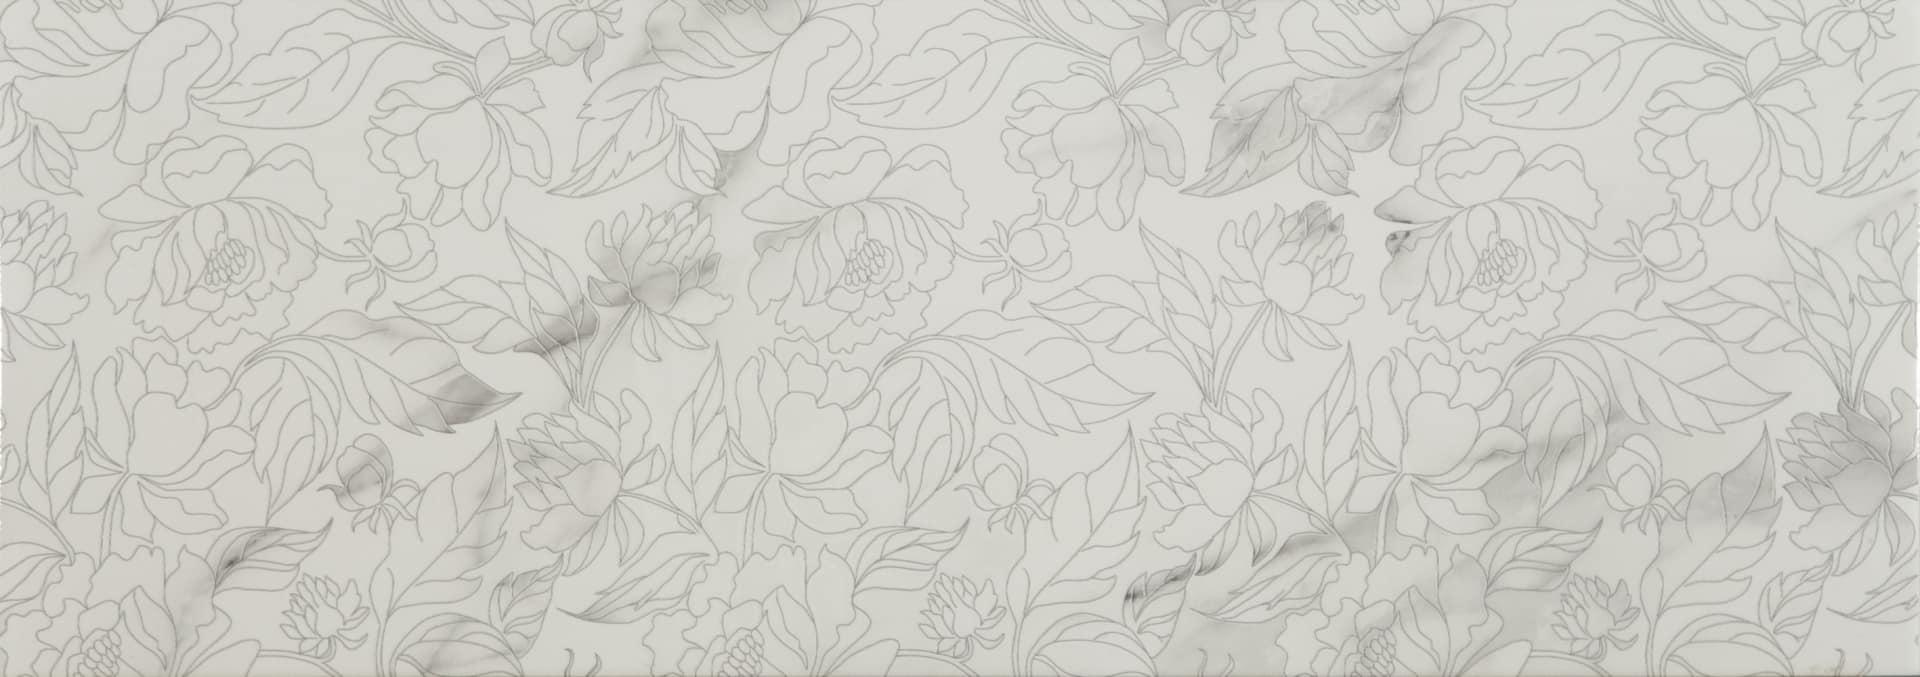 Faianță pentru baie Ecoceramic Venezia Calacatta Garden Calacata 250x700 texturată și lucioasă alb / 9